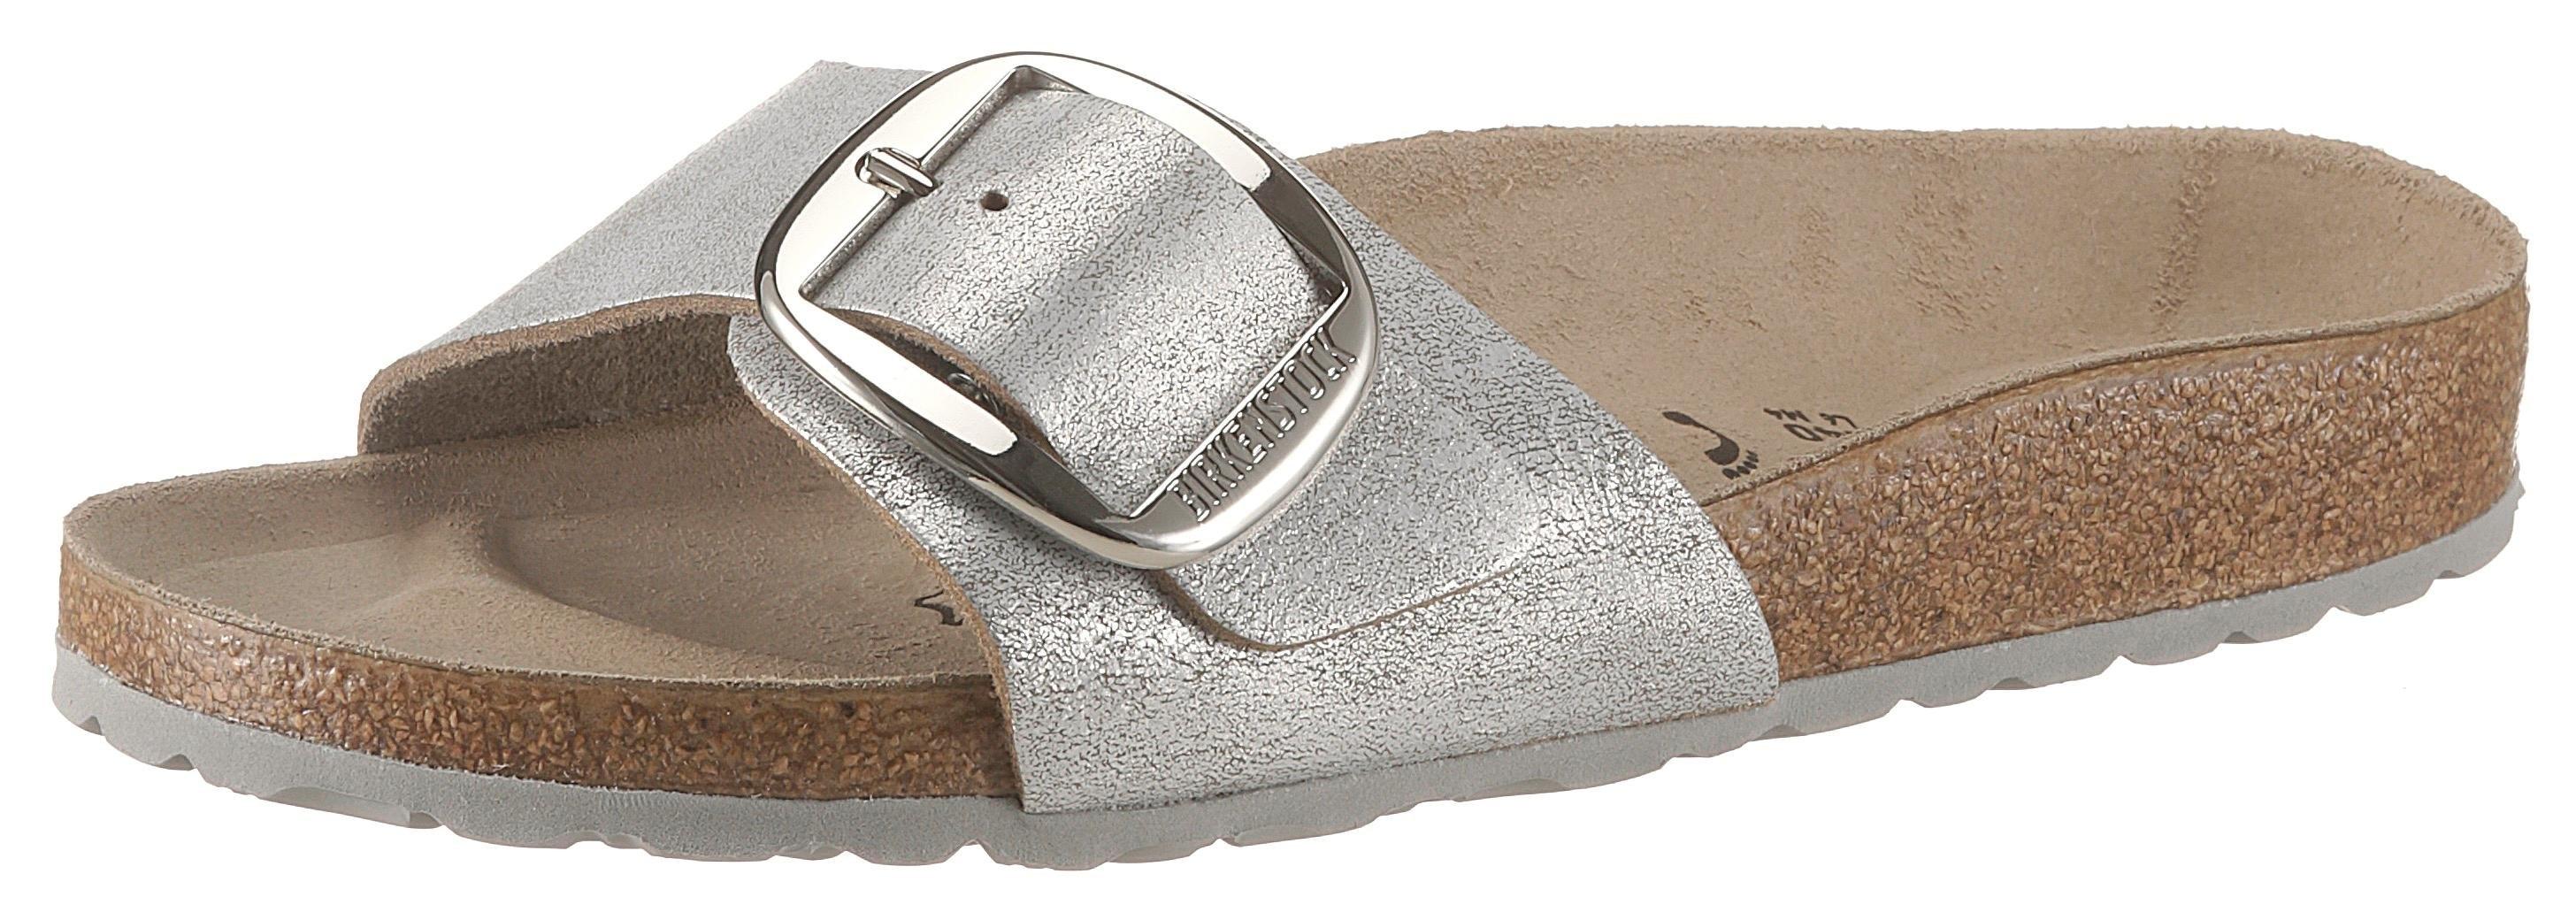 Birkenstock slippers »MADRID« - gratis ruilen op otto.nl